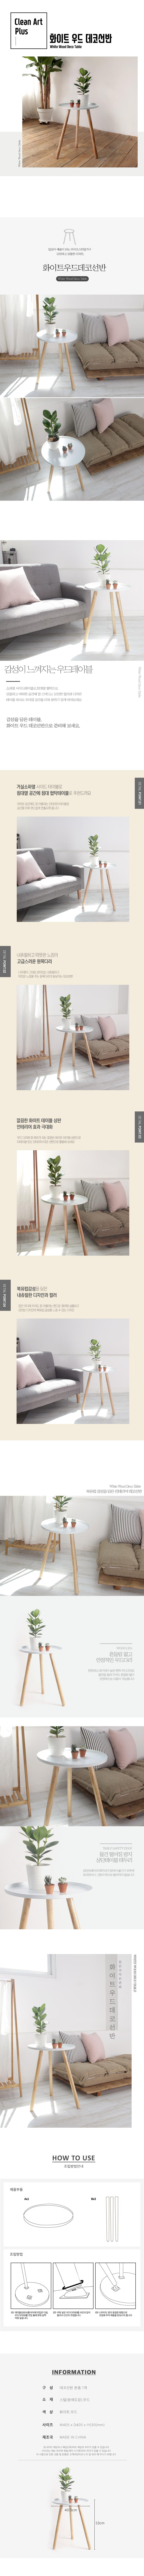 모던 인테리어 화이트 우드 데코테이블 L11299 - 텐교, 29,900원, 미니 테이블, 미니 테이블